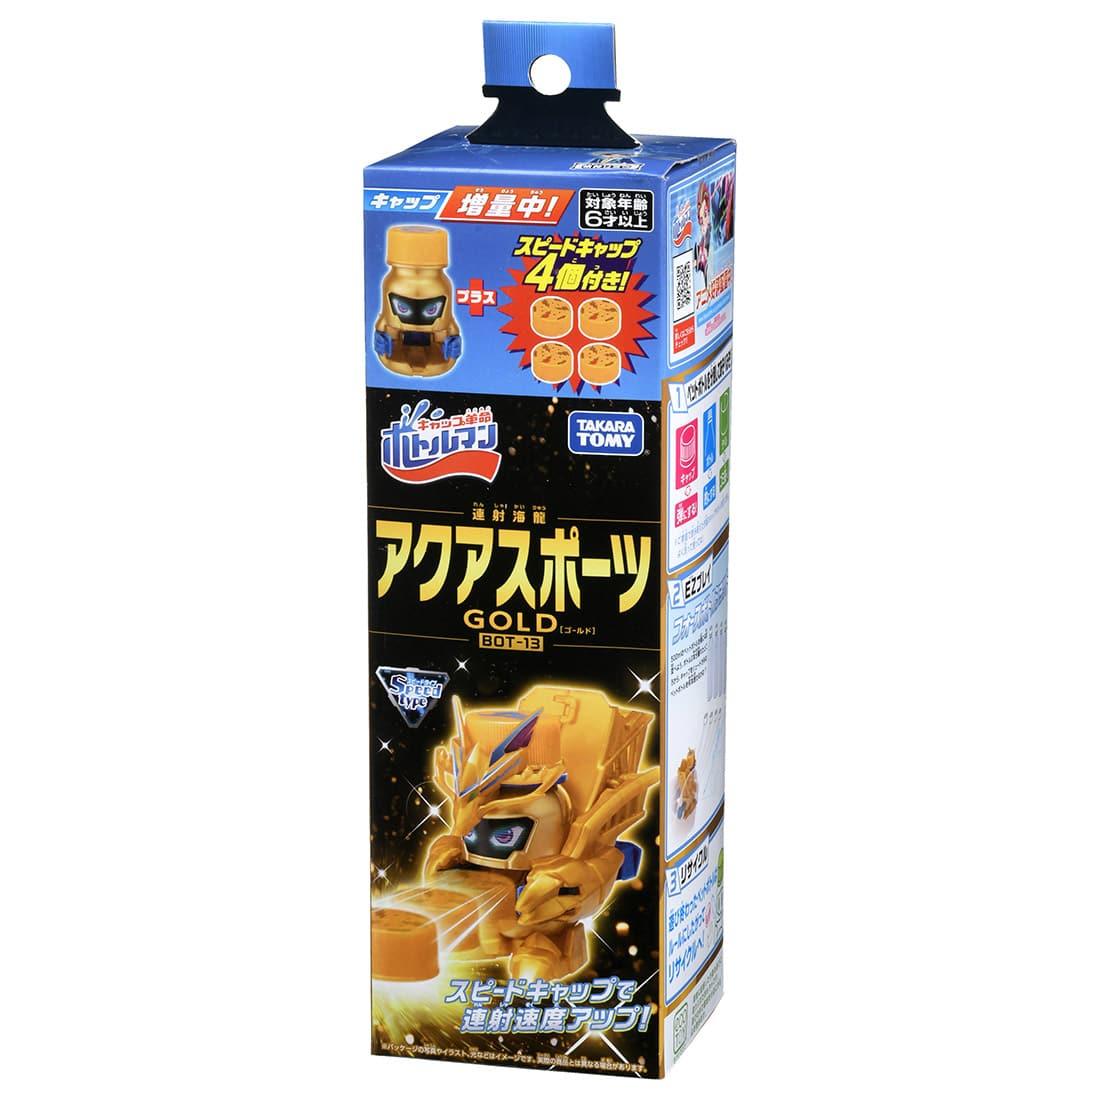 キャップ革命 ボトルマン『BOT-13 アクアスポーツ GOLD』おもちゃ-004